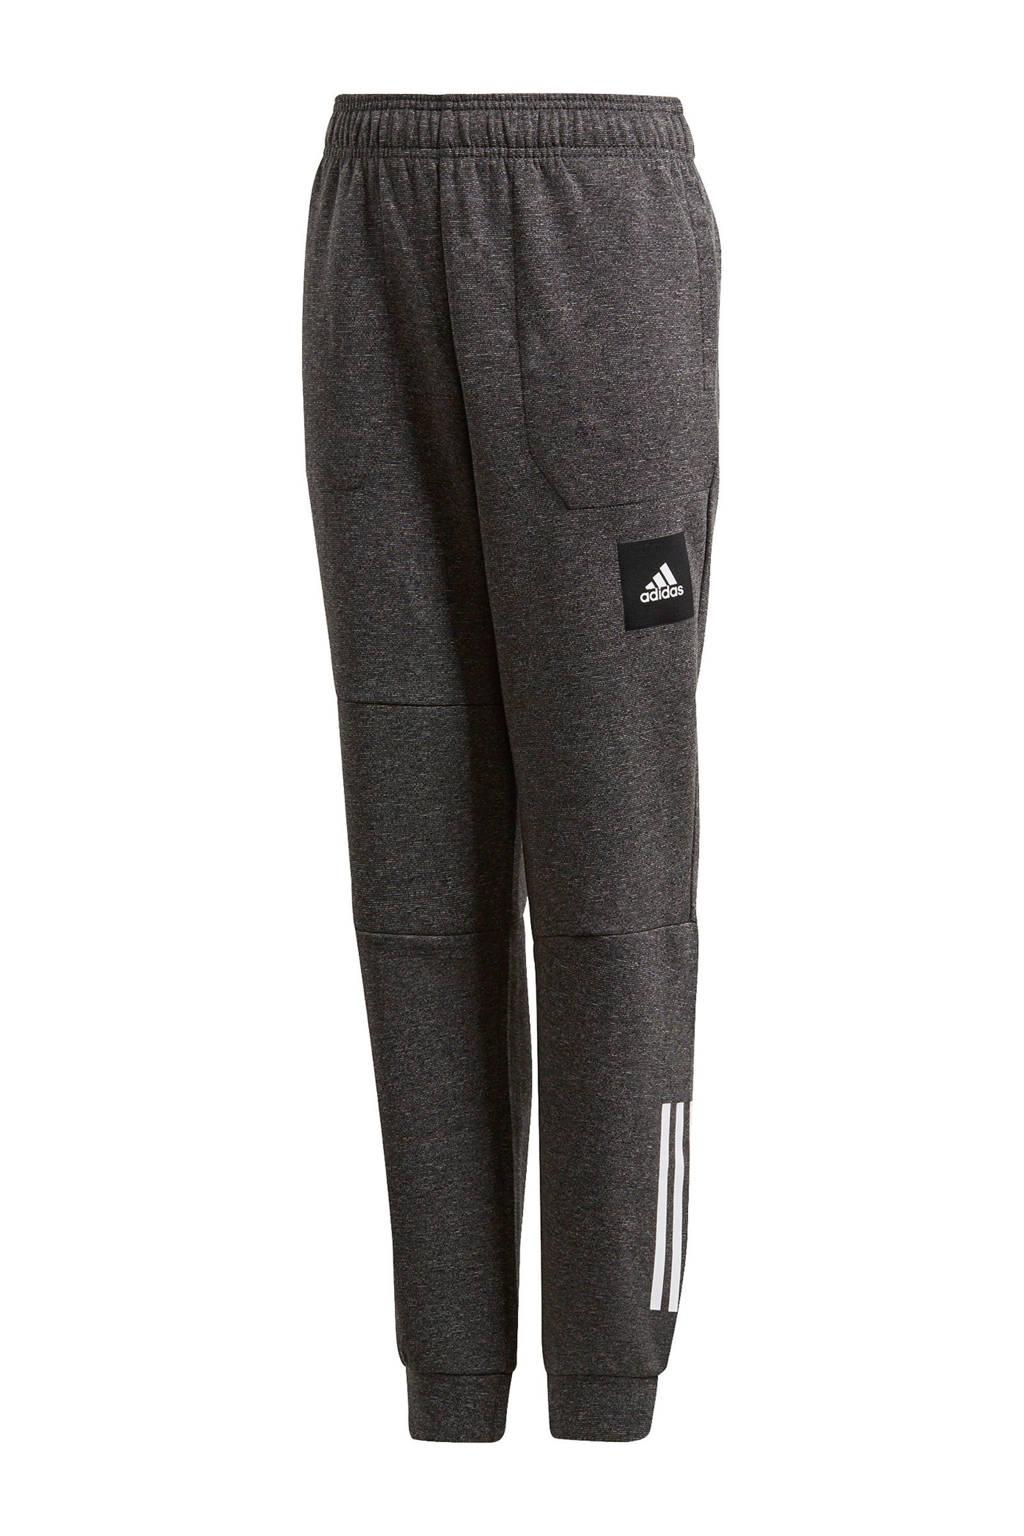 adidas   joggingbroek antraciet, Antraciet